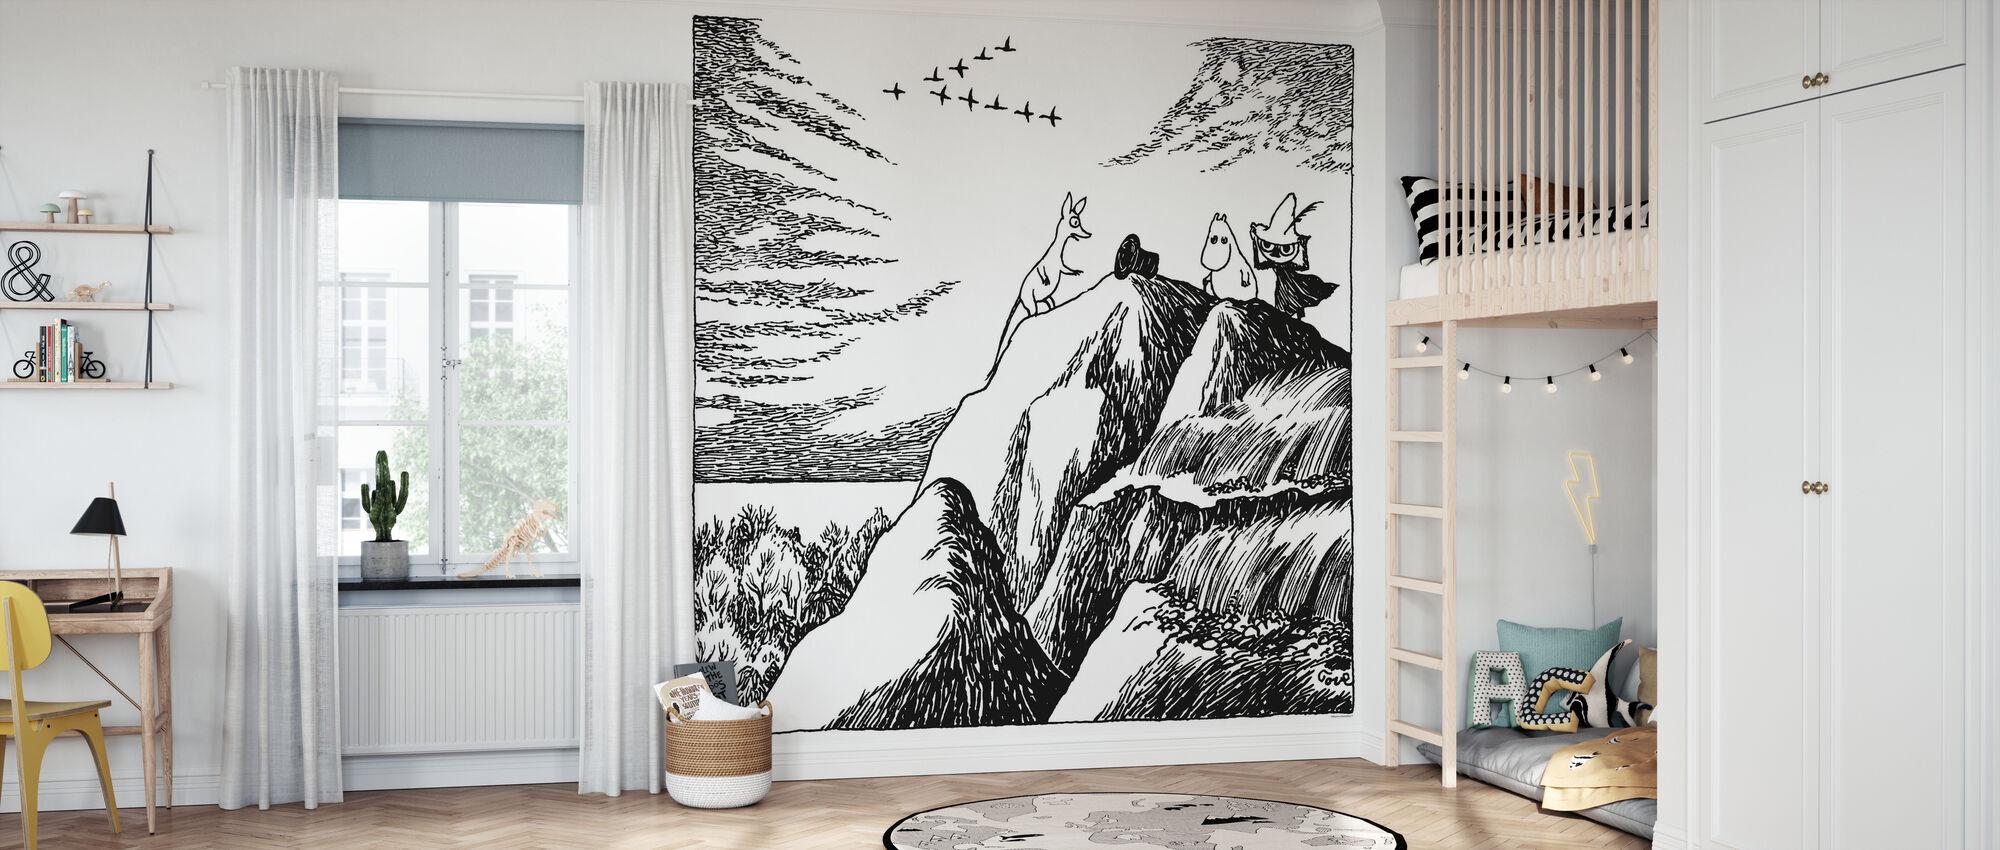 Mumin - Die Entdeckung des Hobgoblin Hut - Tapete - Kinderzimmer